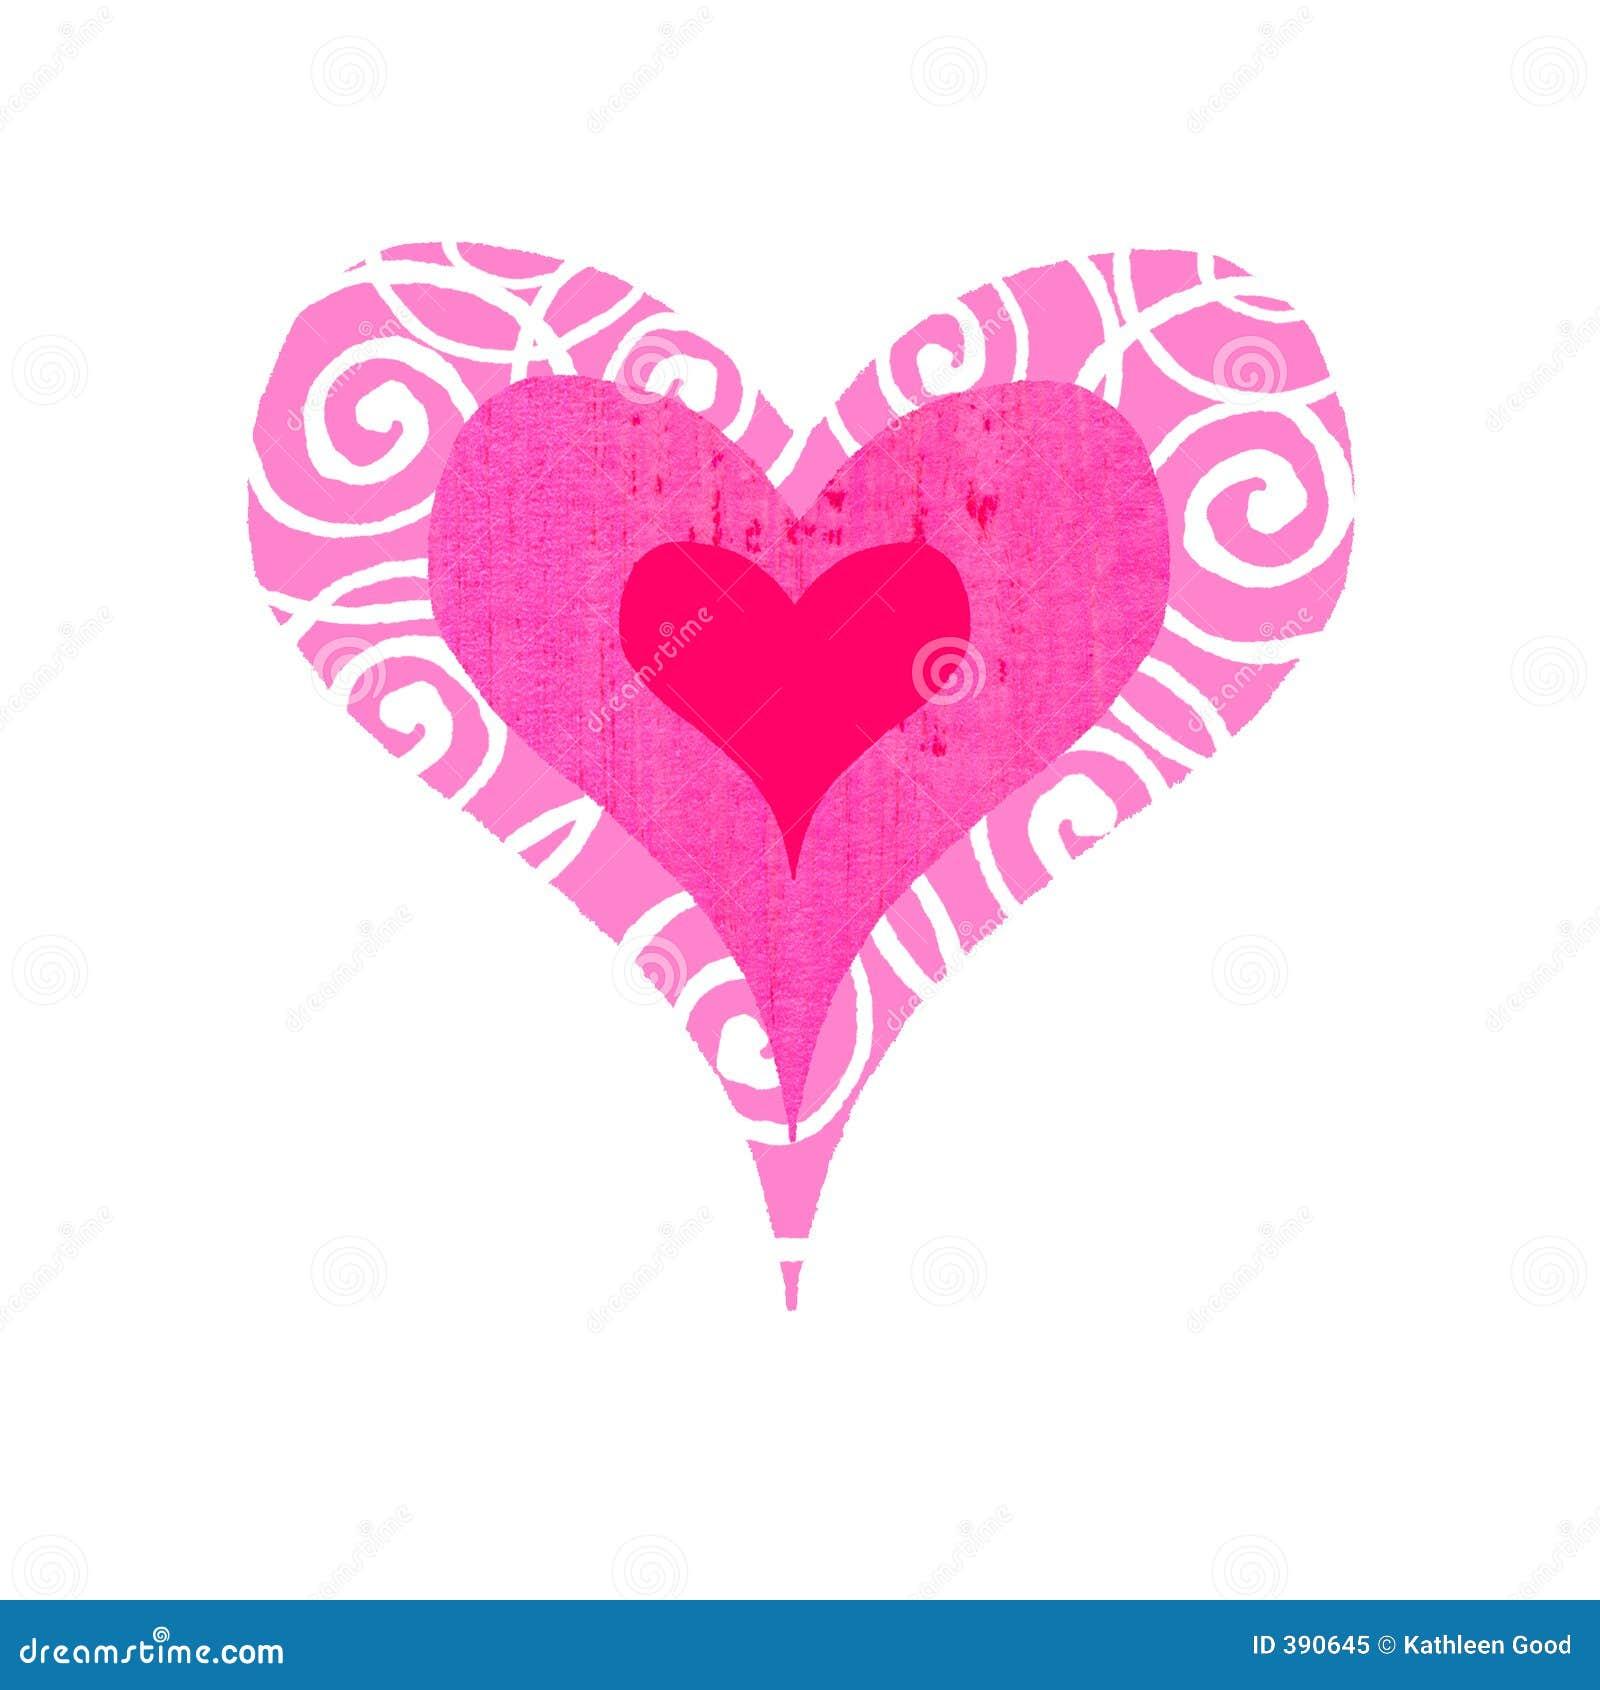 Bullseye groovy heart